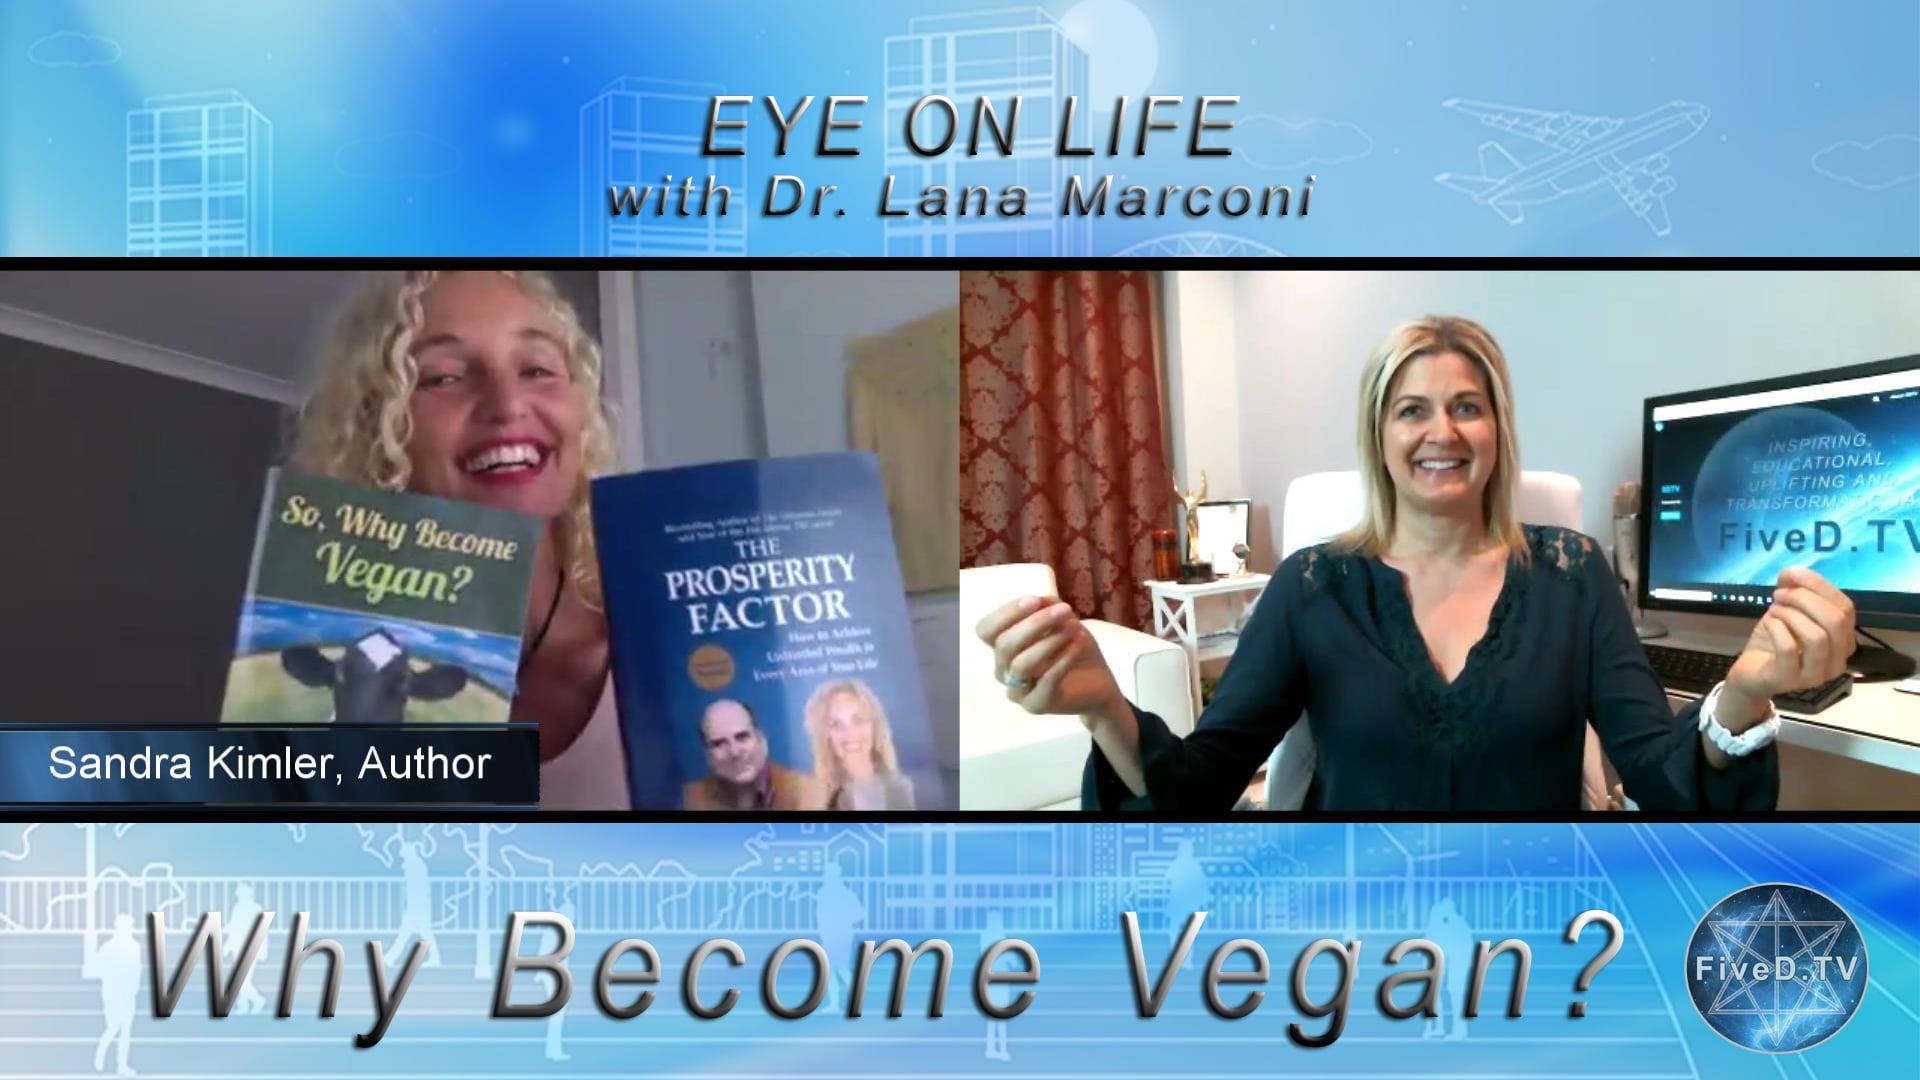 Eye On Life: Why Become Vegan?